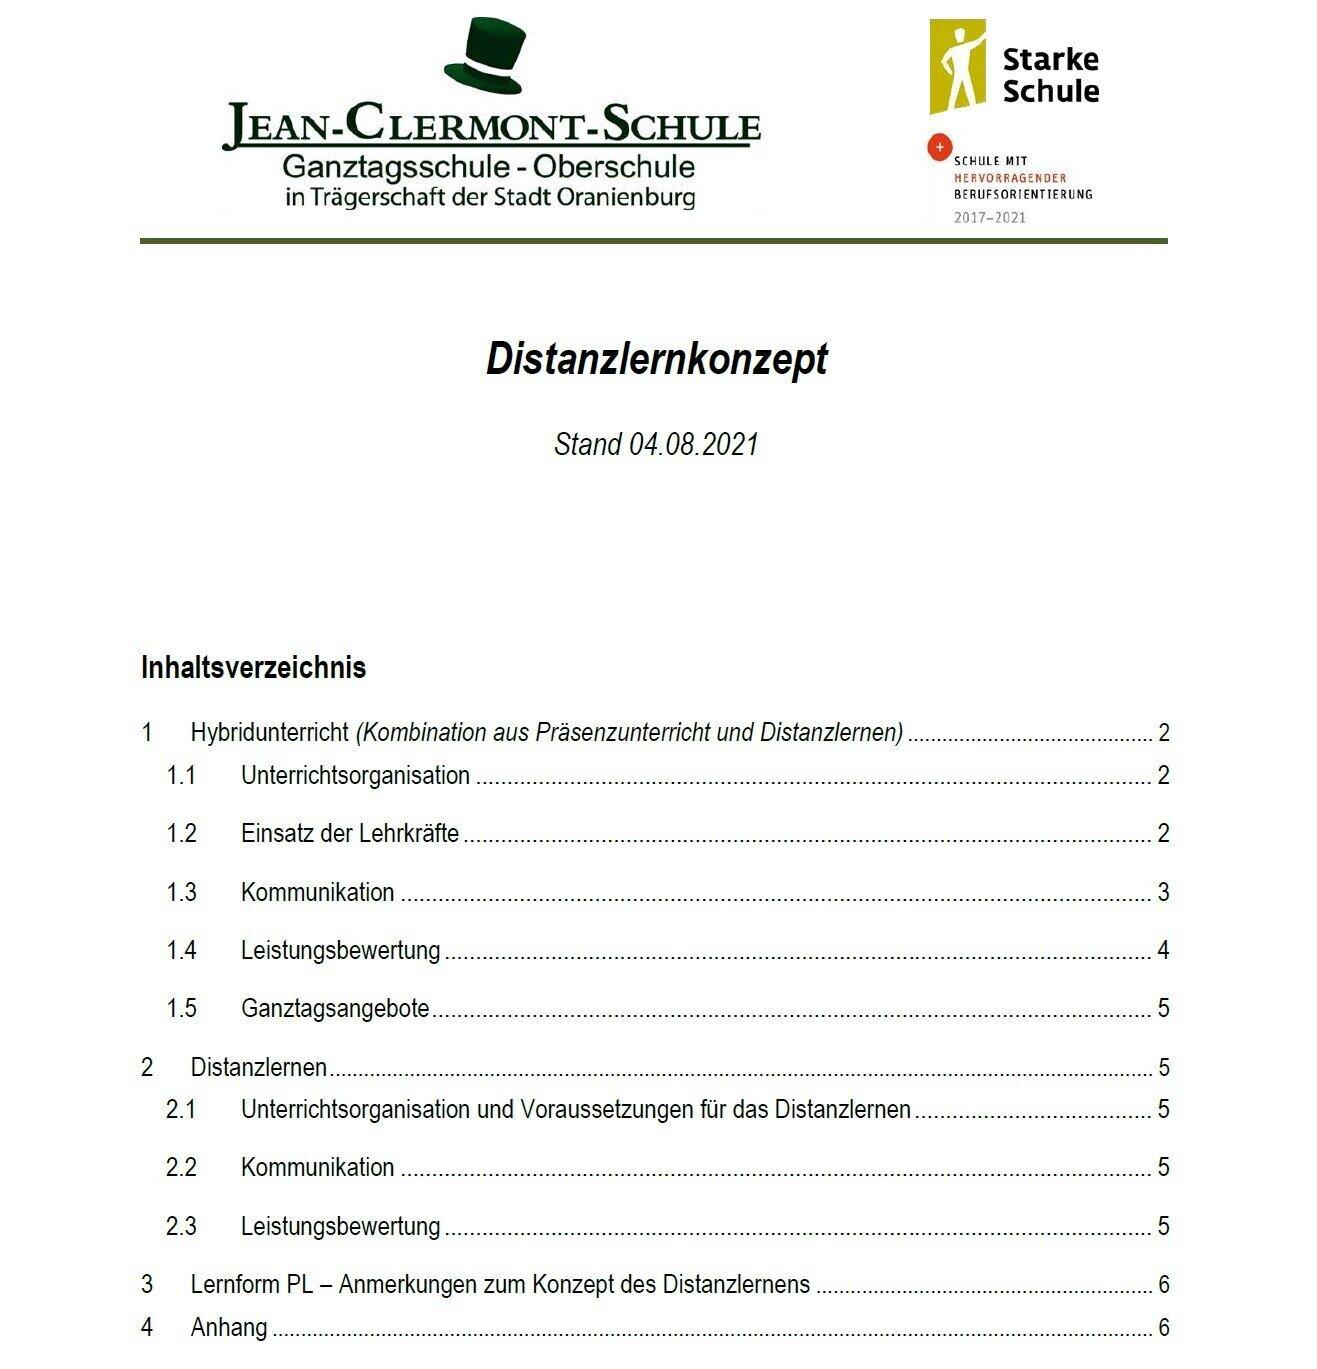 2021-2022 - Distanzlernkonzept